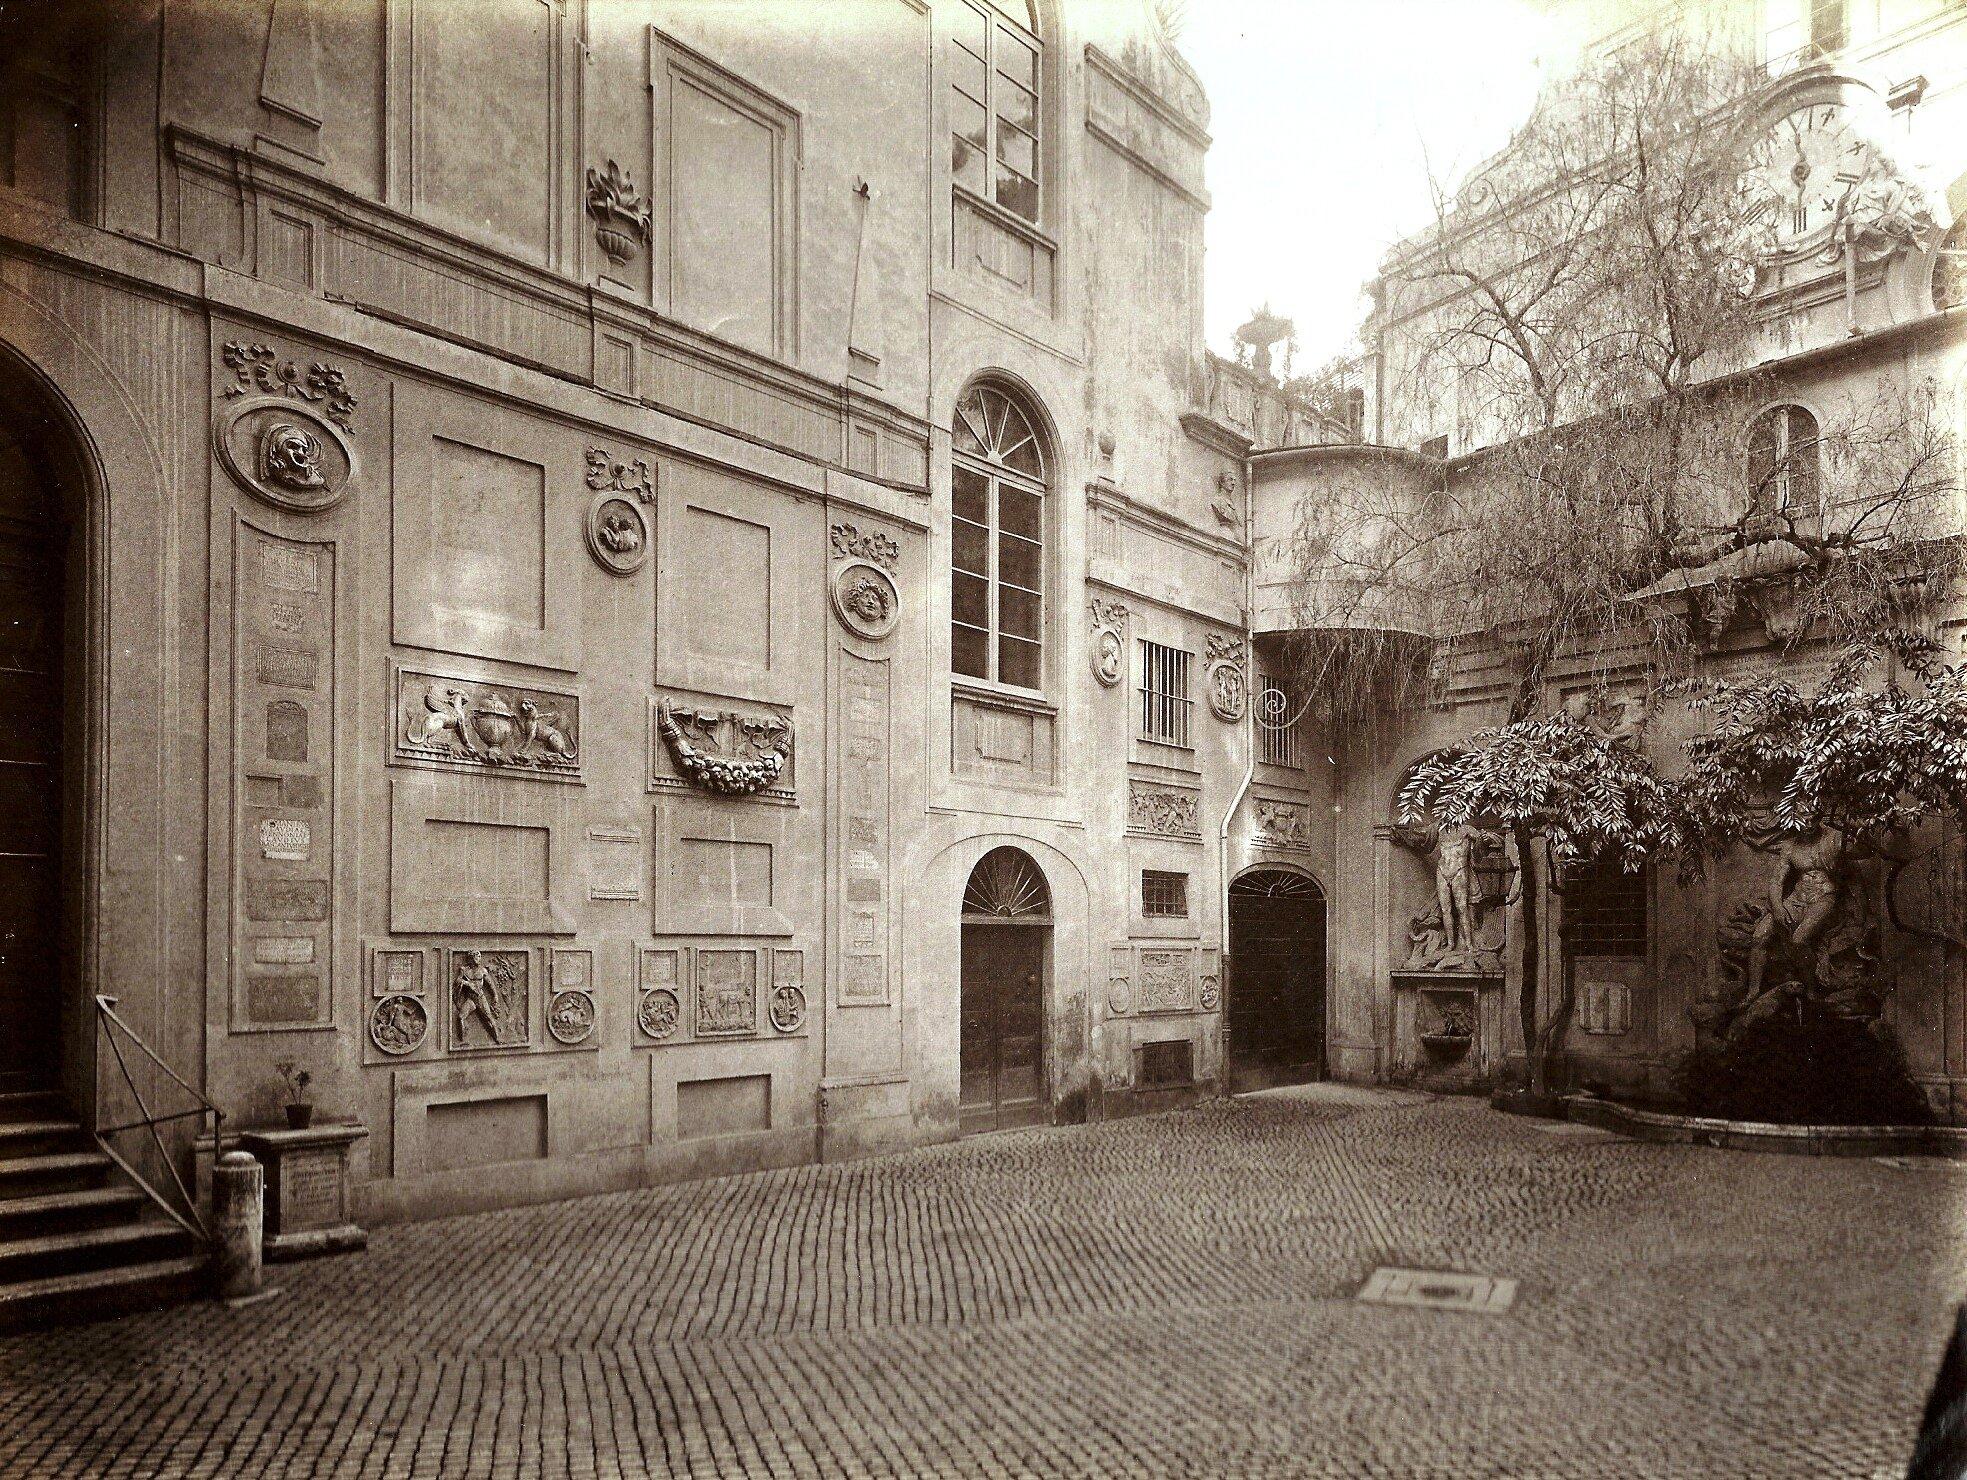 Palazzo Rondinini - Circolo degli Scacchi, Roma